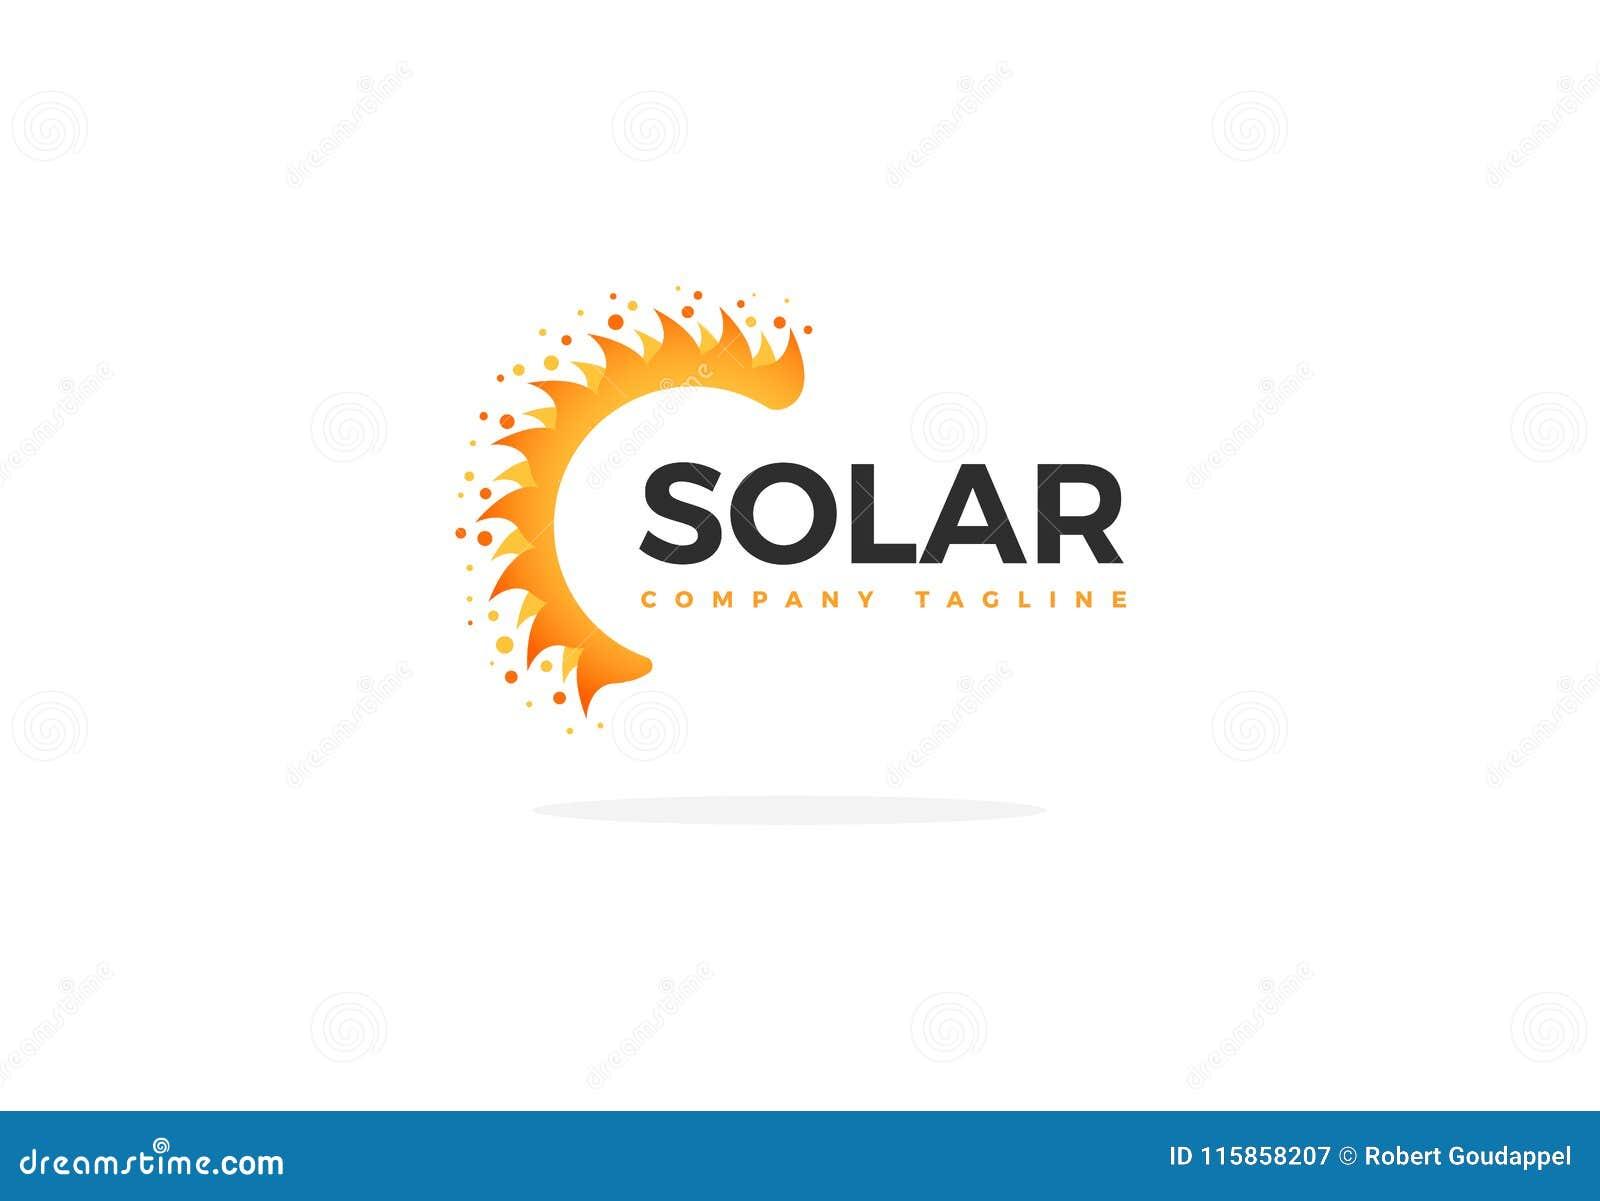 Sonnenkollektor Logo Vector In Shape Of ein halben Sun